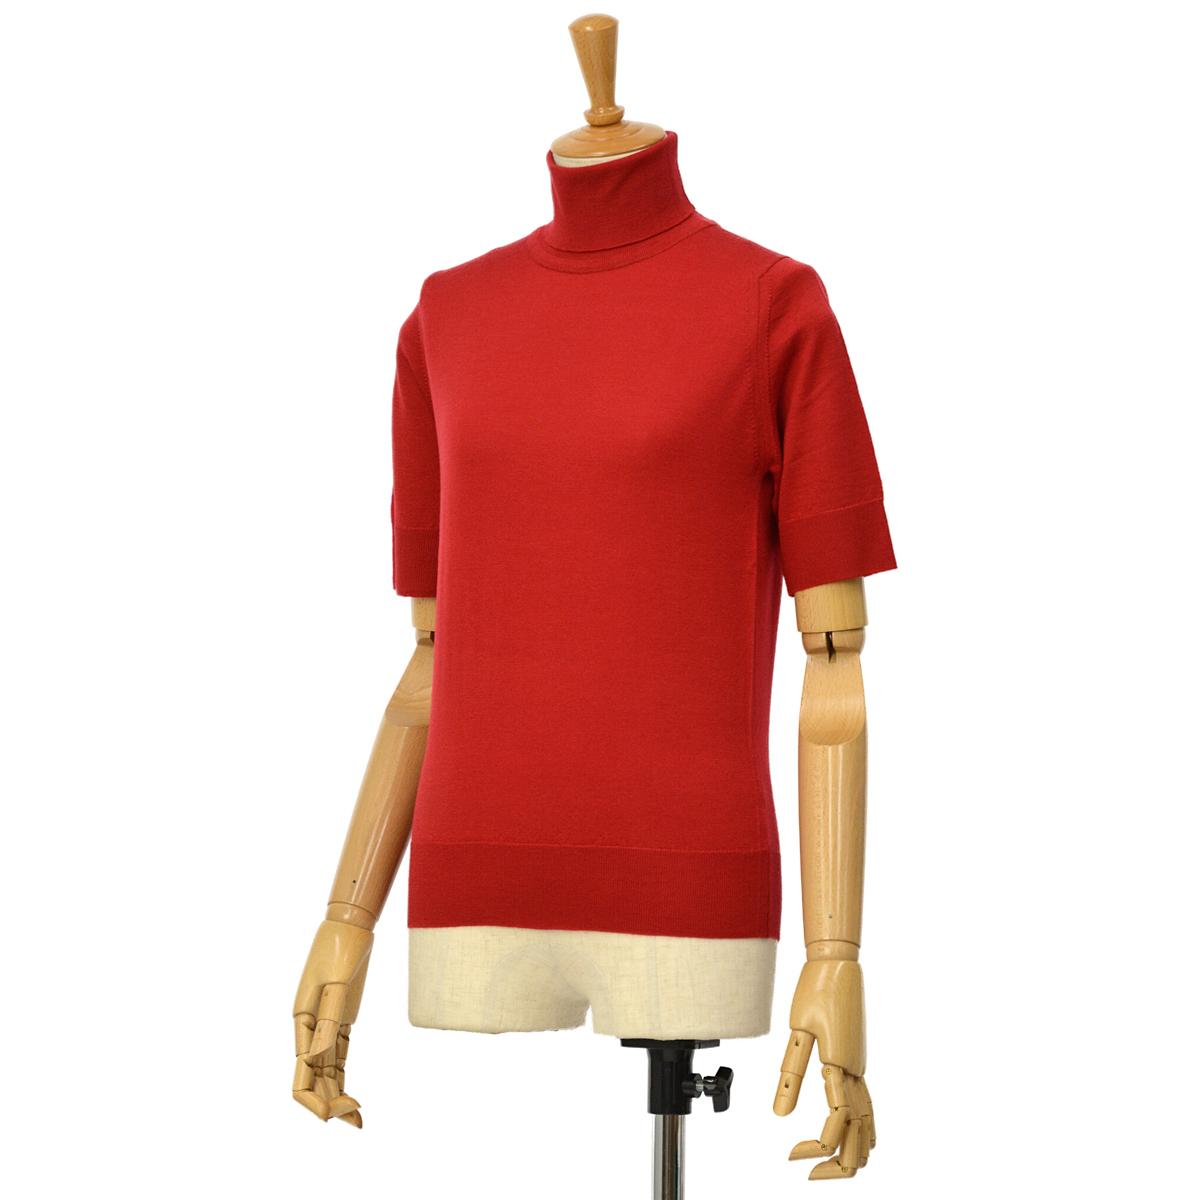 【30%OFF】【size S】JOHN SMEDLEY【ジョンスメドレー】半袖タートルニット SALERNO CONTOUR RED ウール レッド